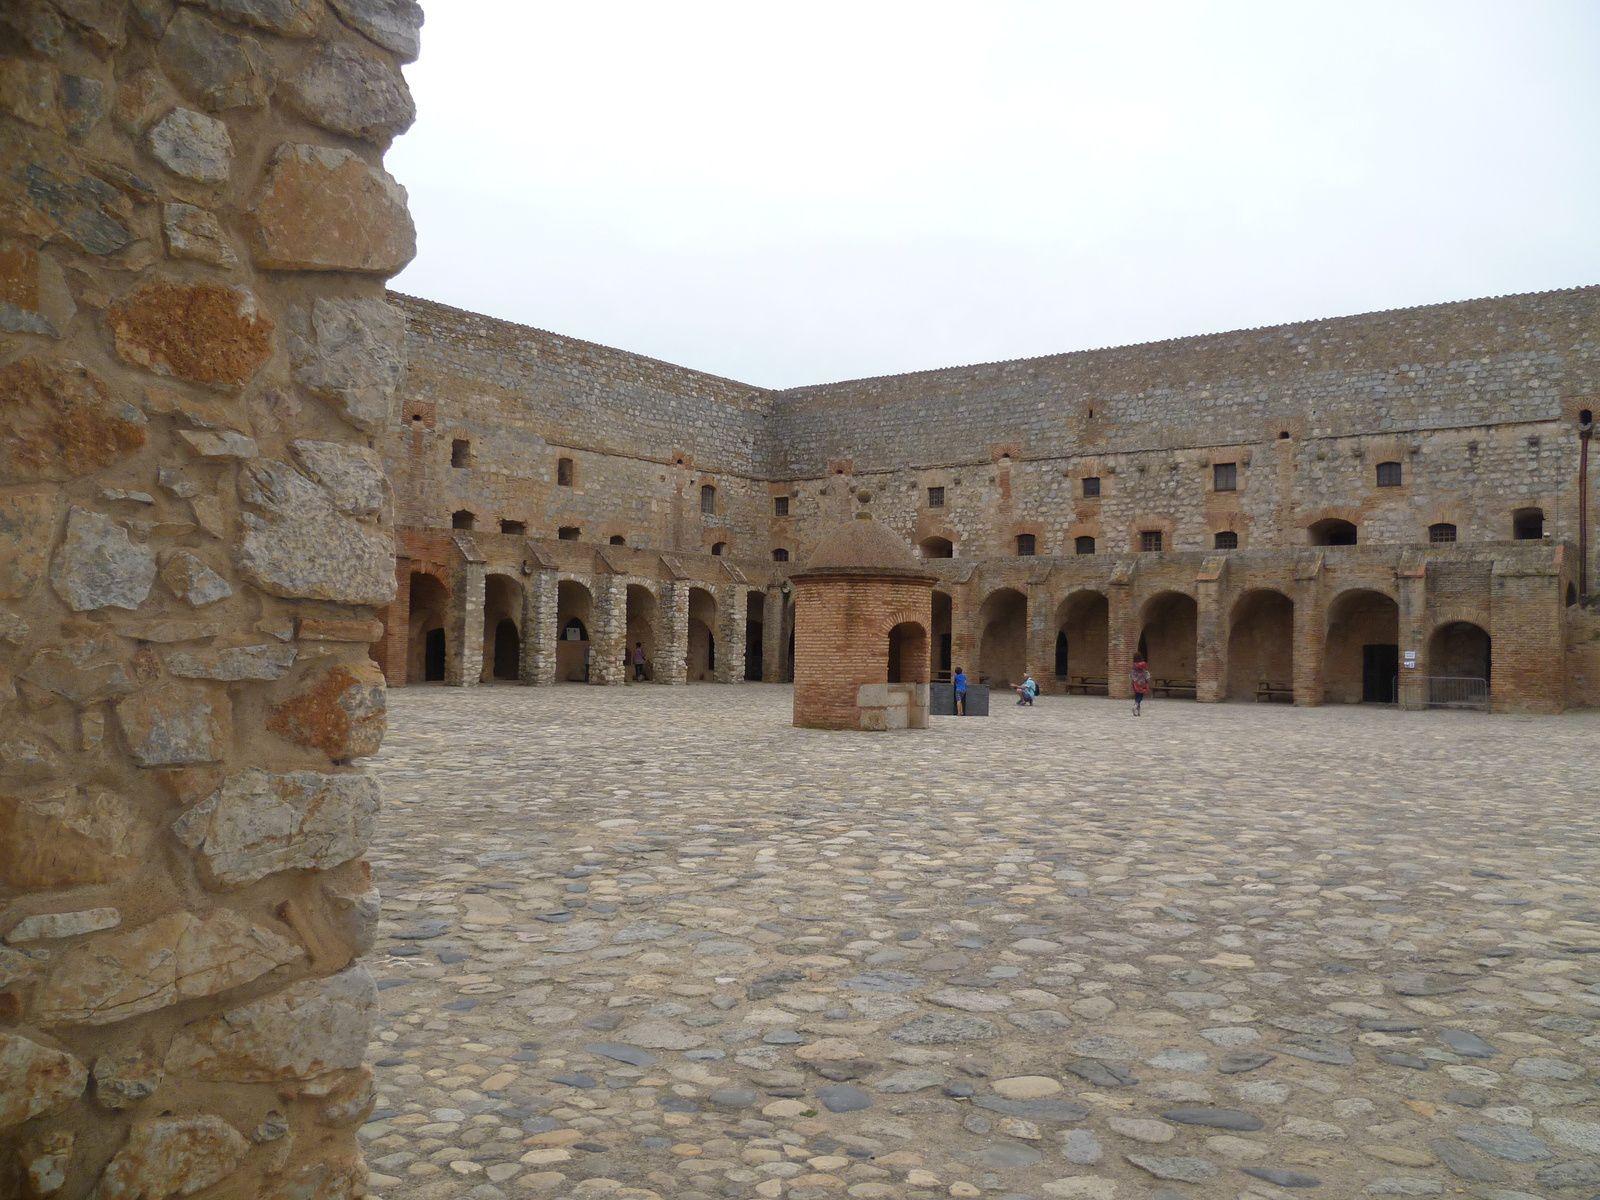 L'impressionnante place d'armes est une cour carrée avec, en son centre, le puits couvert d'un dôme en briques rouges. Sur les côtés, il y avait les salles de garde, les écuries, le service des eaux, la boulangerie, la chapelle Saint-Sébastien et la prison.